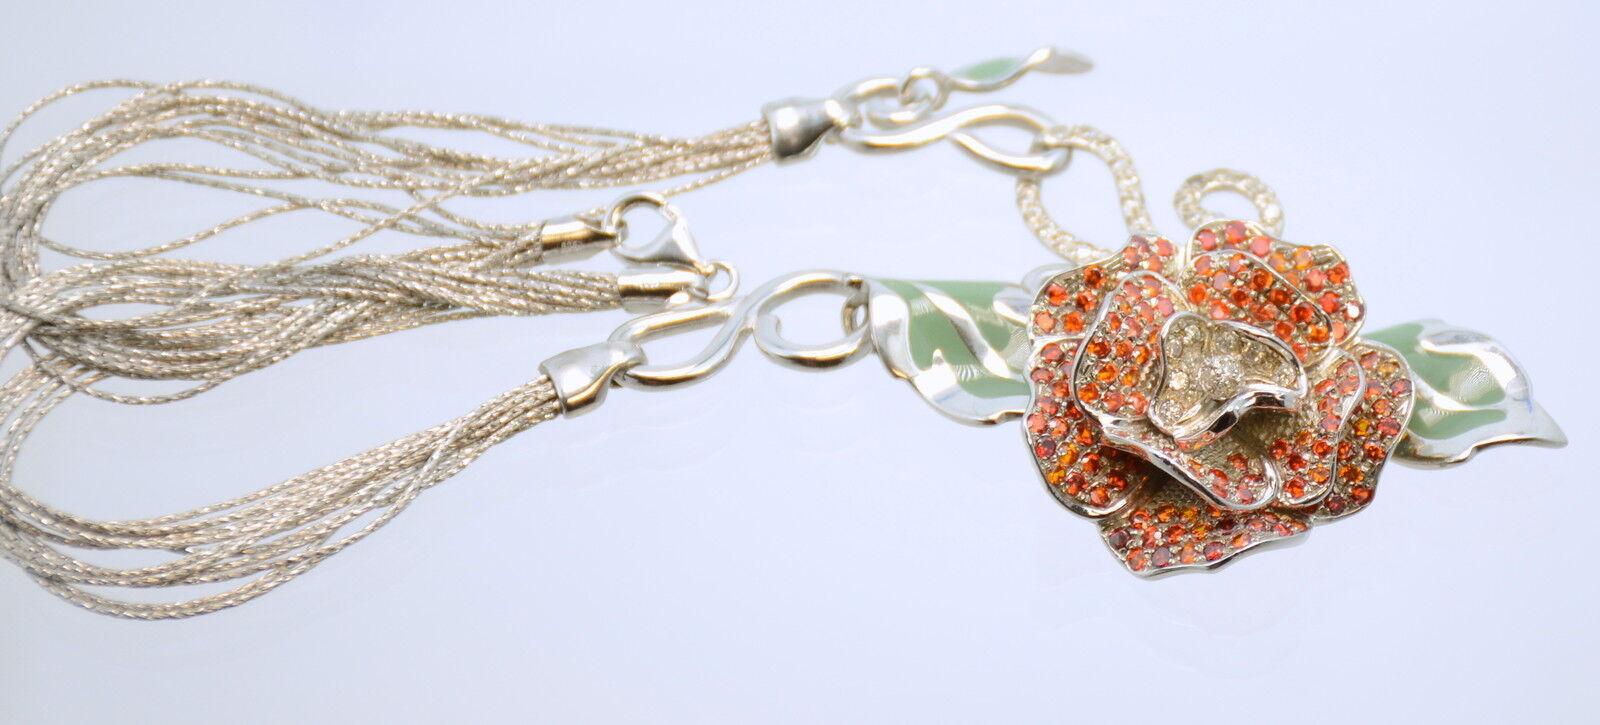 Menegatti Menegatti Menegatti argentoo Sterling Massiccio Smalto verde Arancione Cristallo be9765